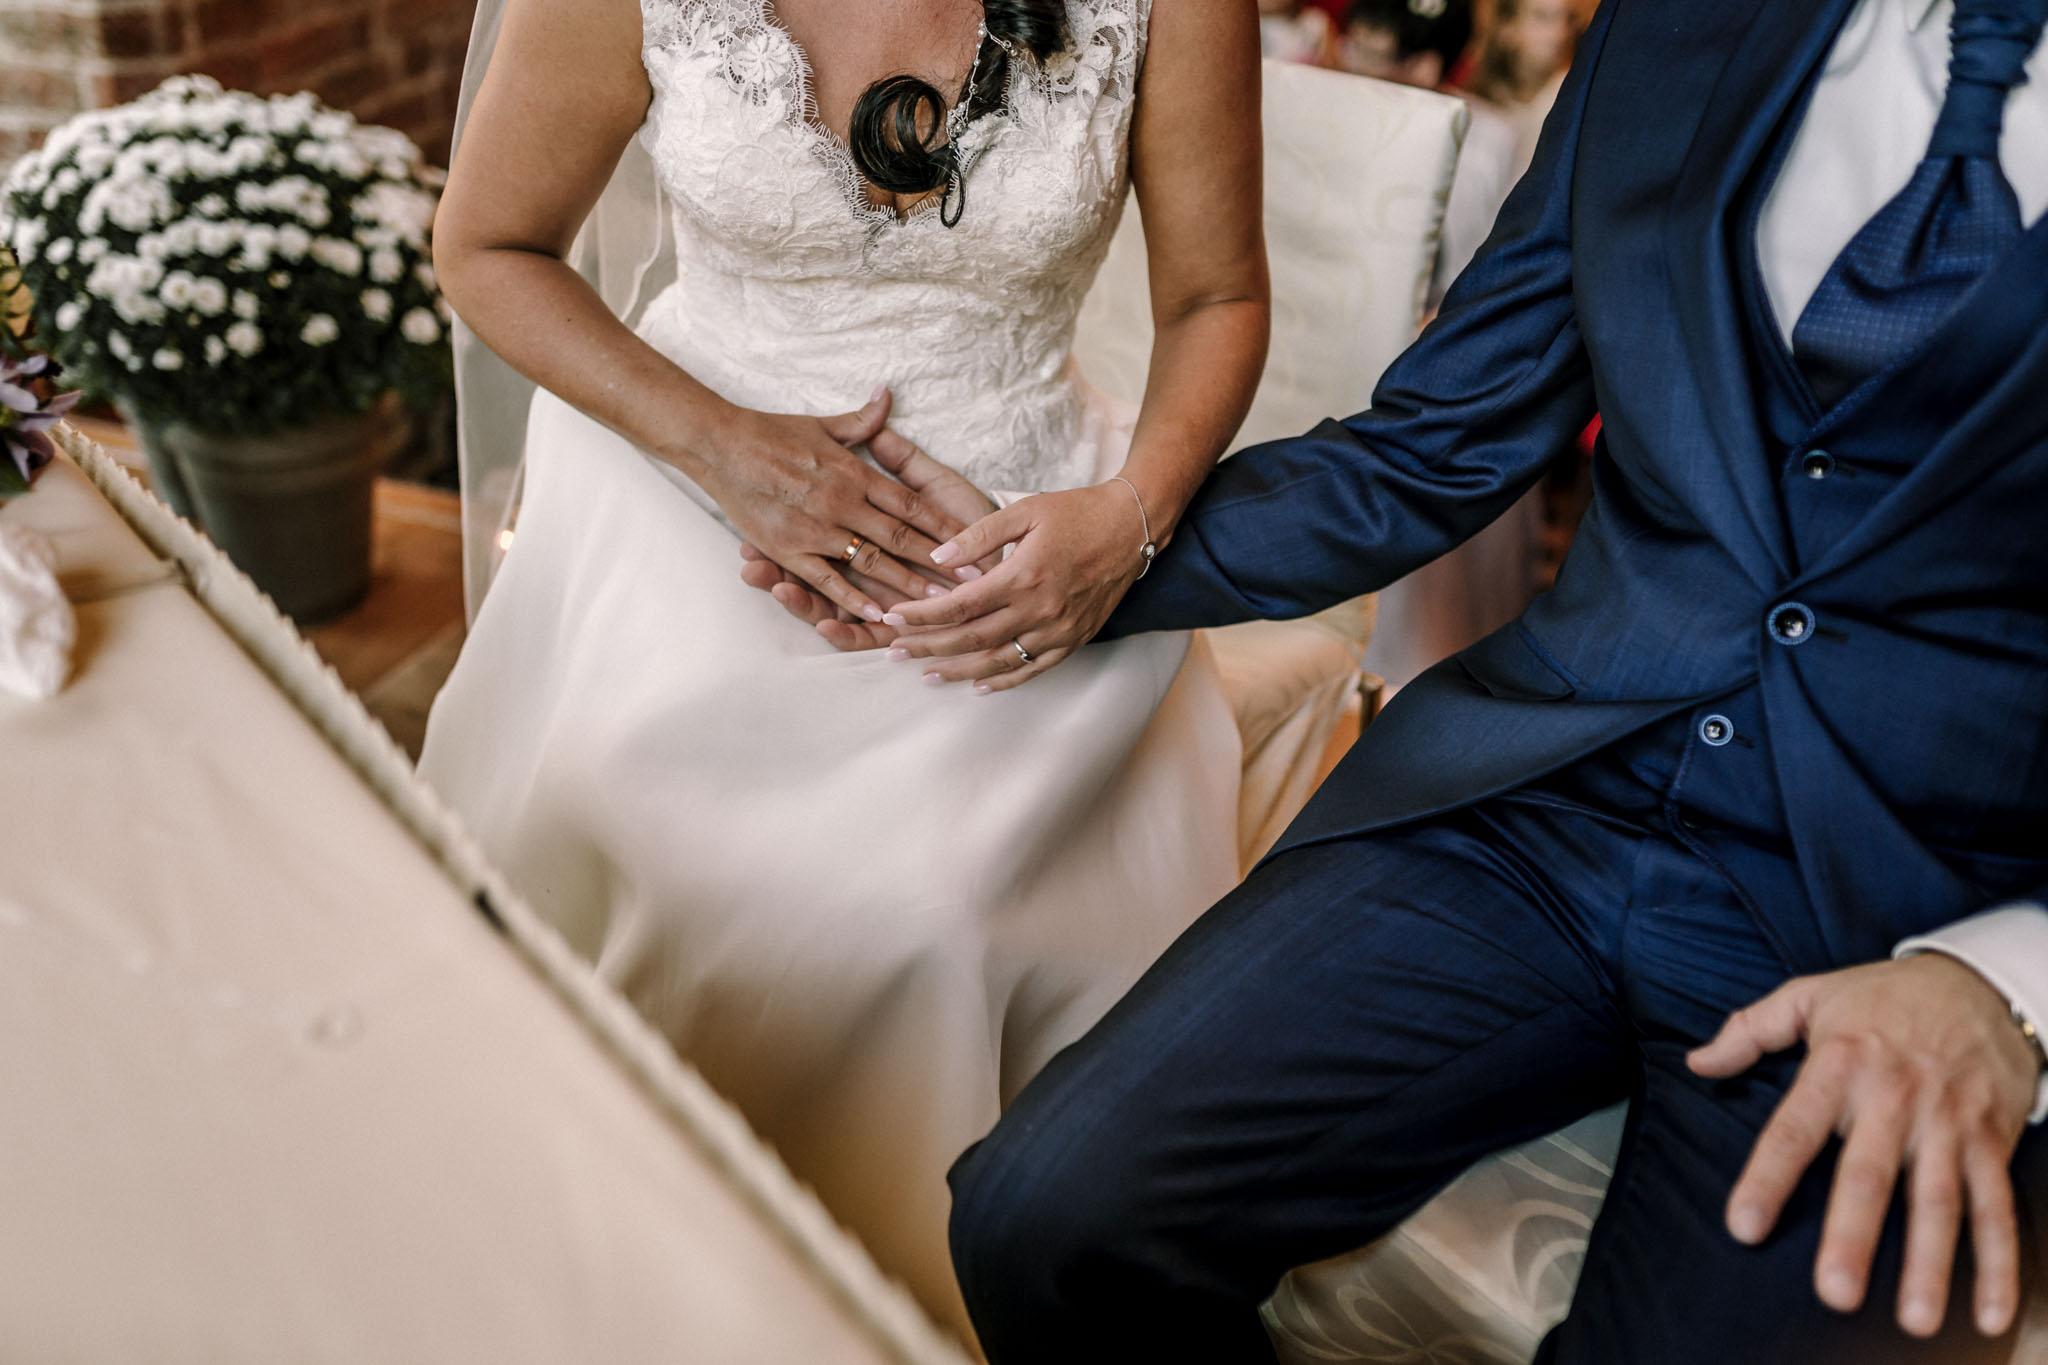 Hochzeitsfieber by Photo-Schomburg, Hochzeitsfotograf, Hamburg,Hochzeitstag, Hochzeitspaar, Braut, Bräutigam, Literaturhauscafe Zarrentin-48